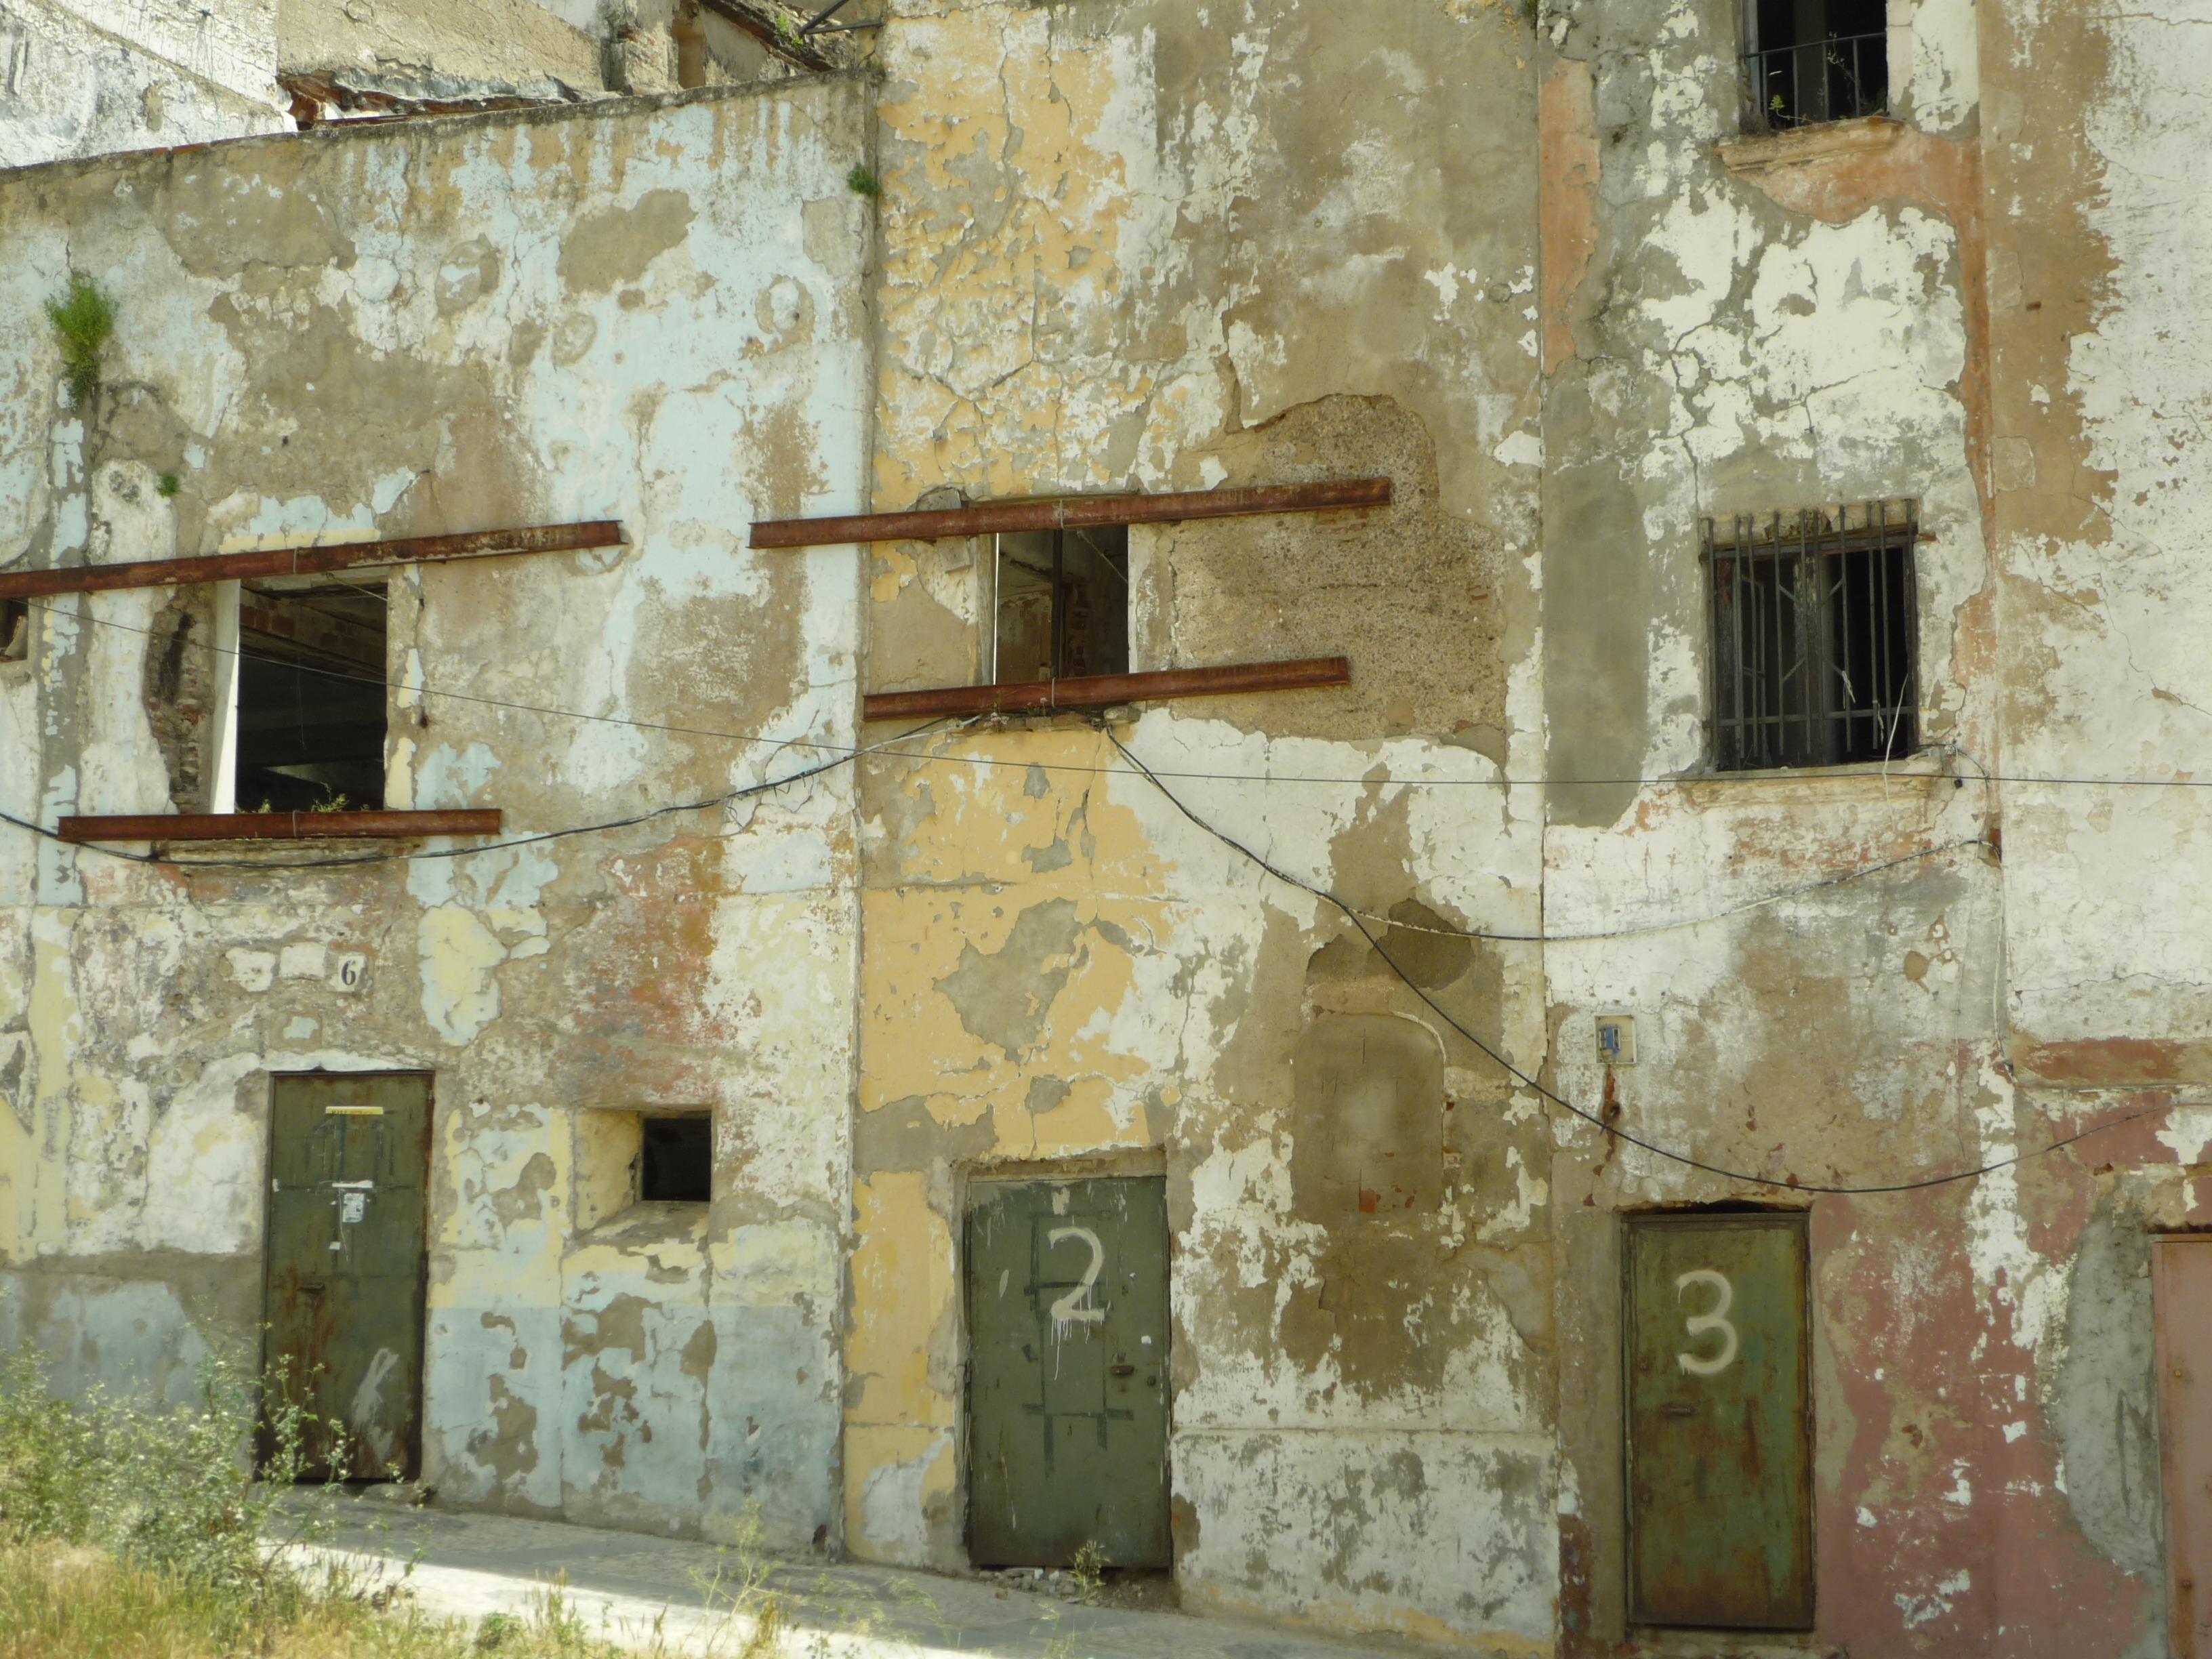 Fachadas de casas antiguas el di rio canal san cassiano con barcos y coloridas fachadas de - Restaurar casas antiguas ...